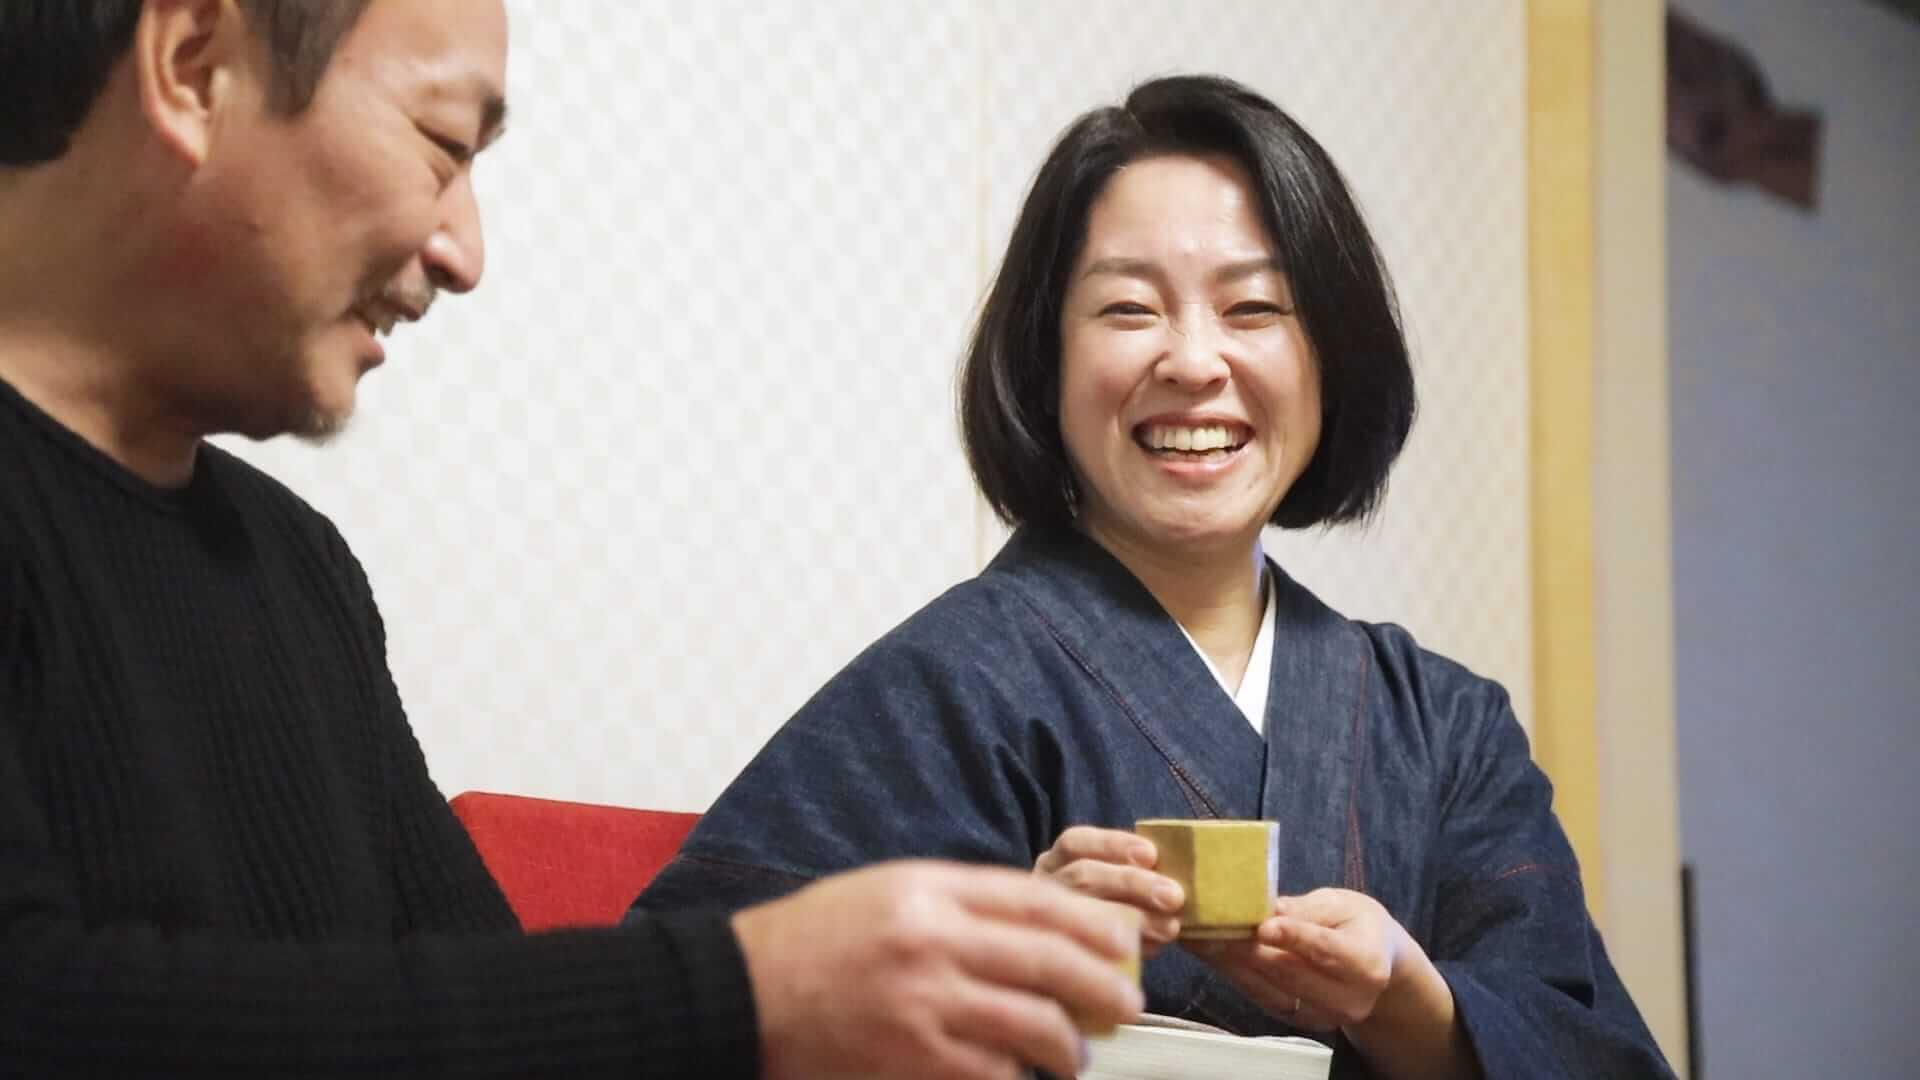 葉石かおりさんインタビュー